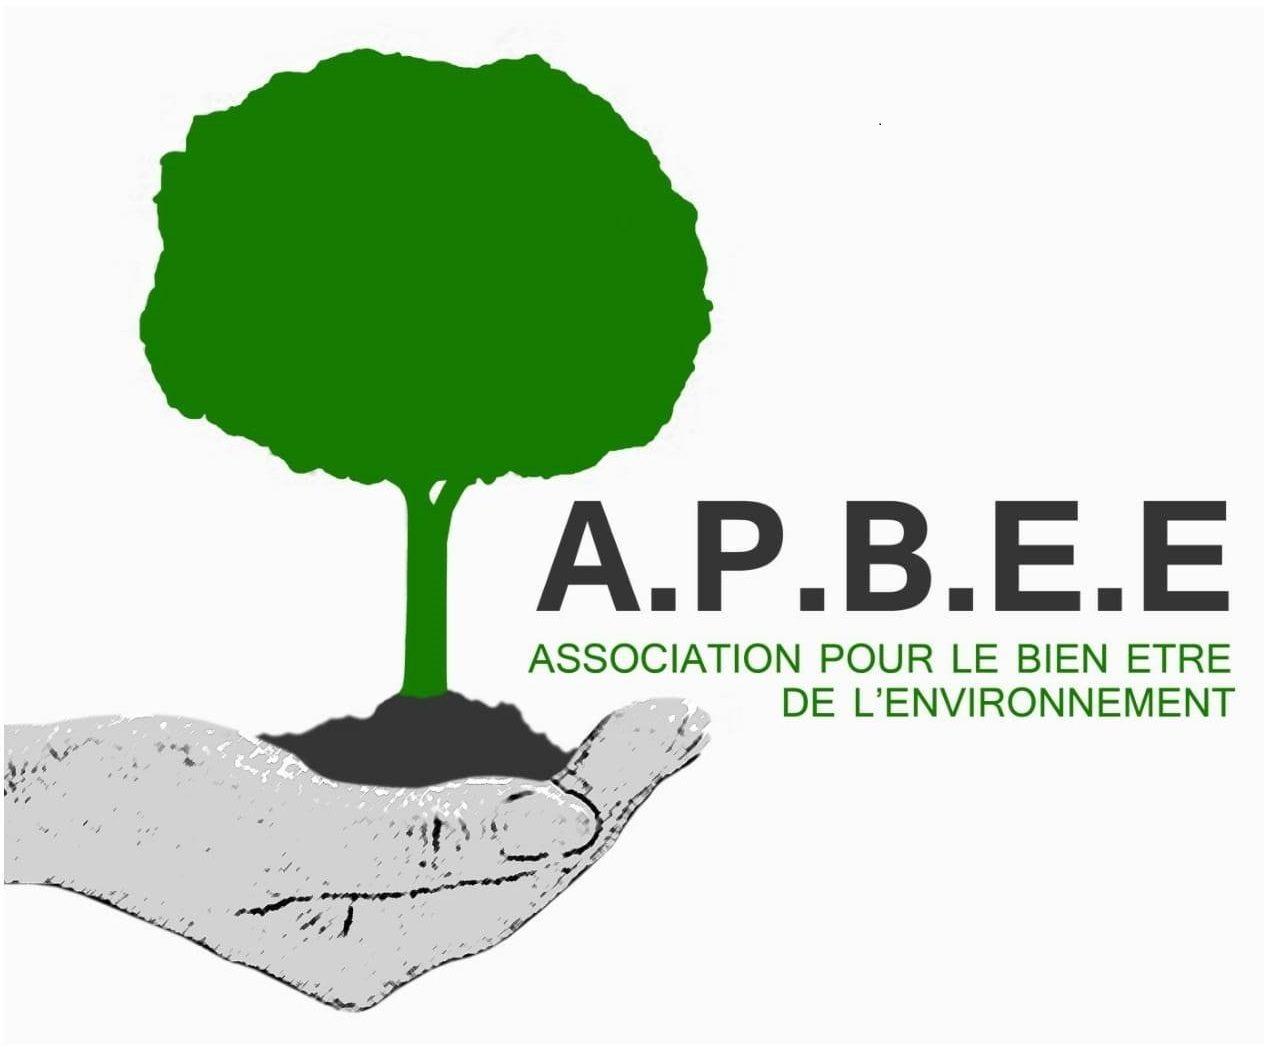 APBEE